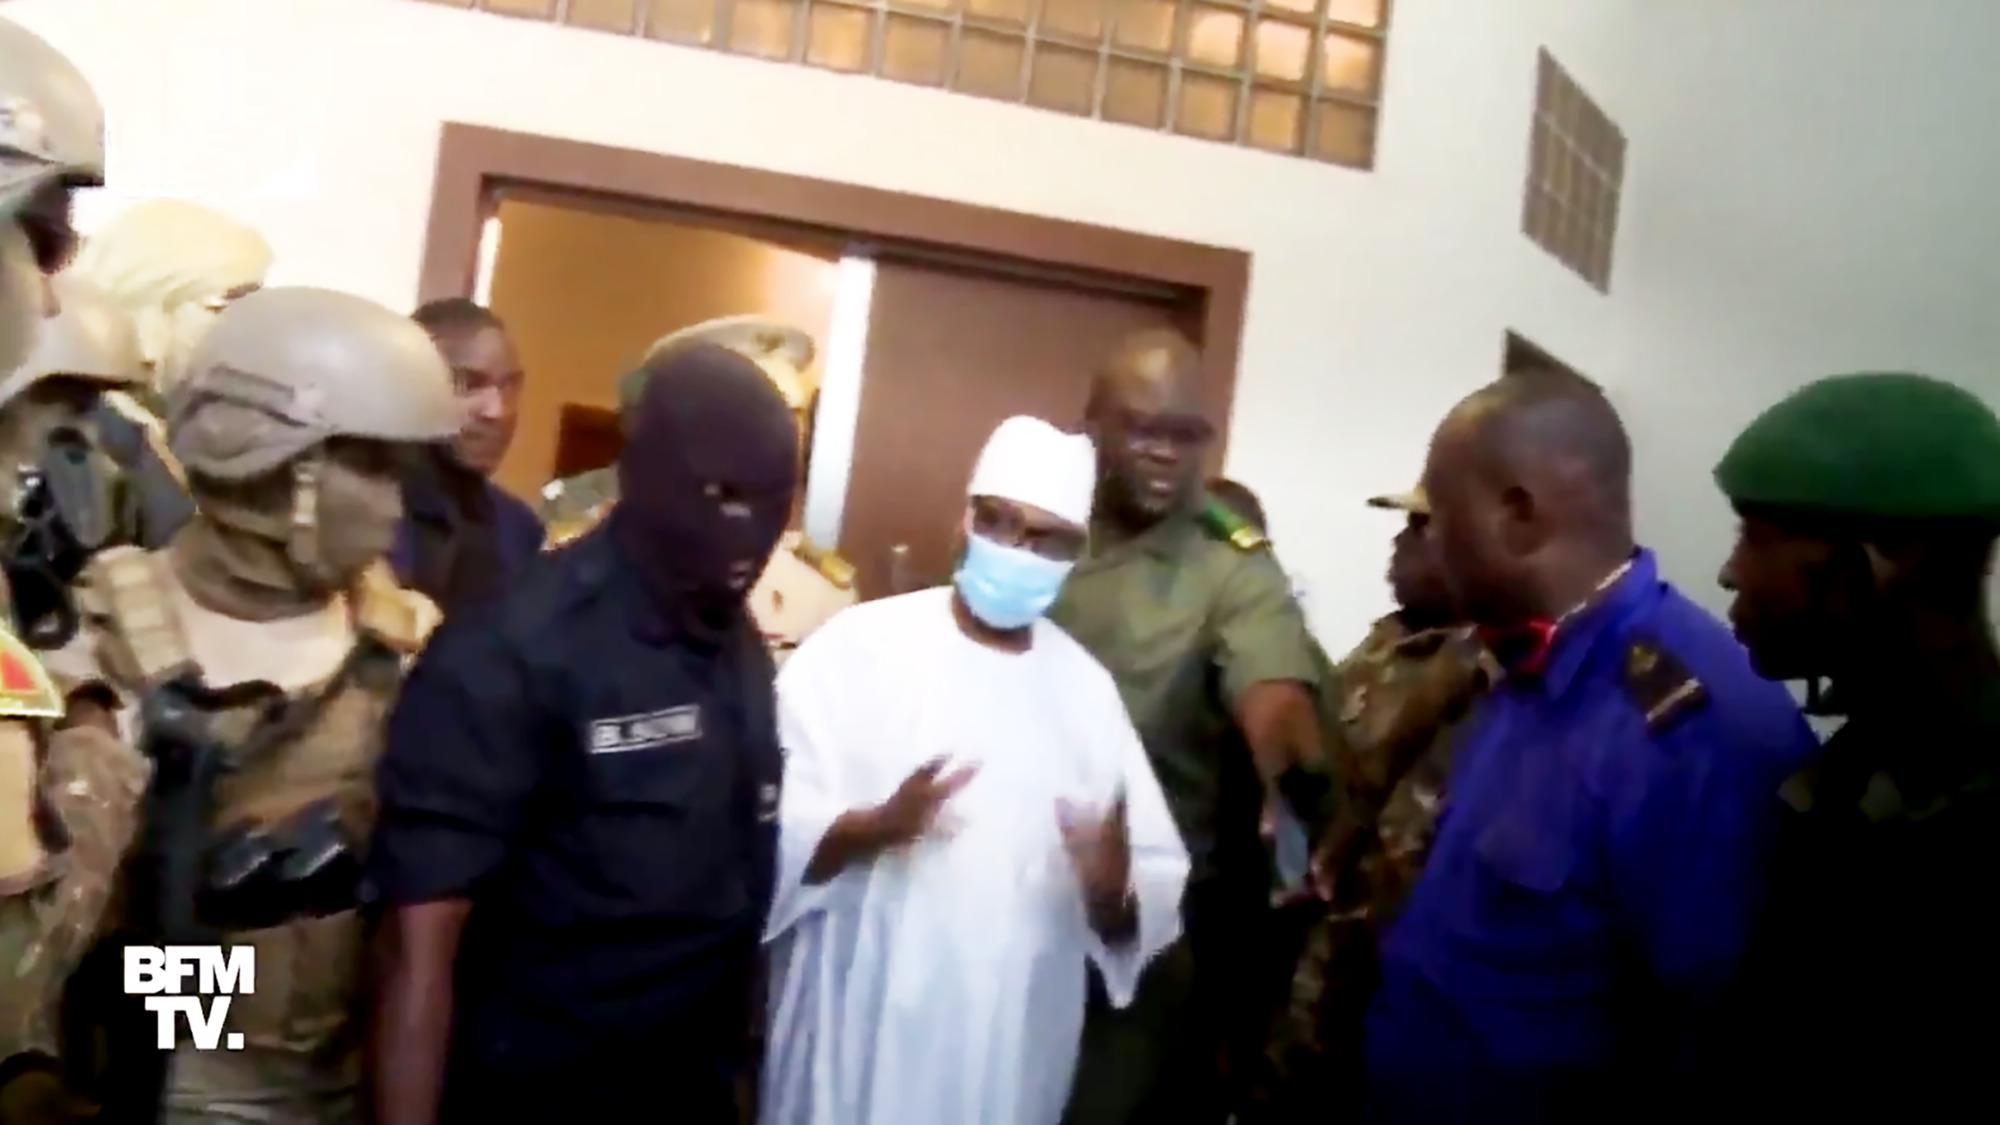 Selon un témoin, les mutins se montrent «courtois et polis» avec le chef de l'État. «Certains baissent la tête en signe de respect.»